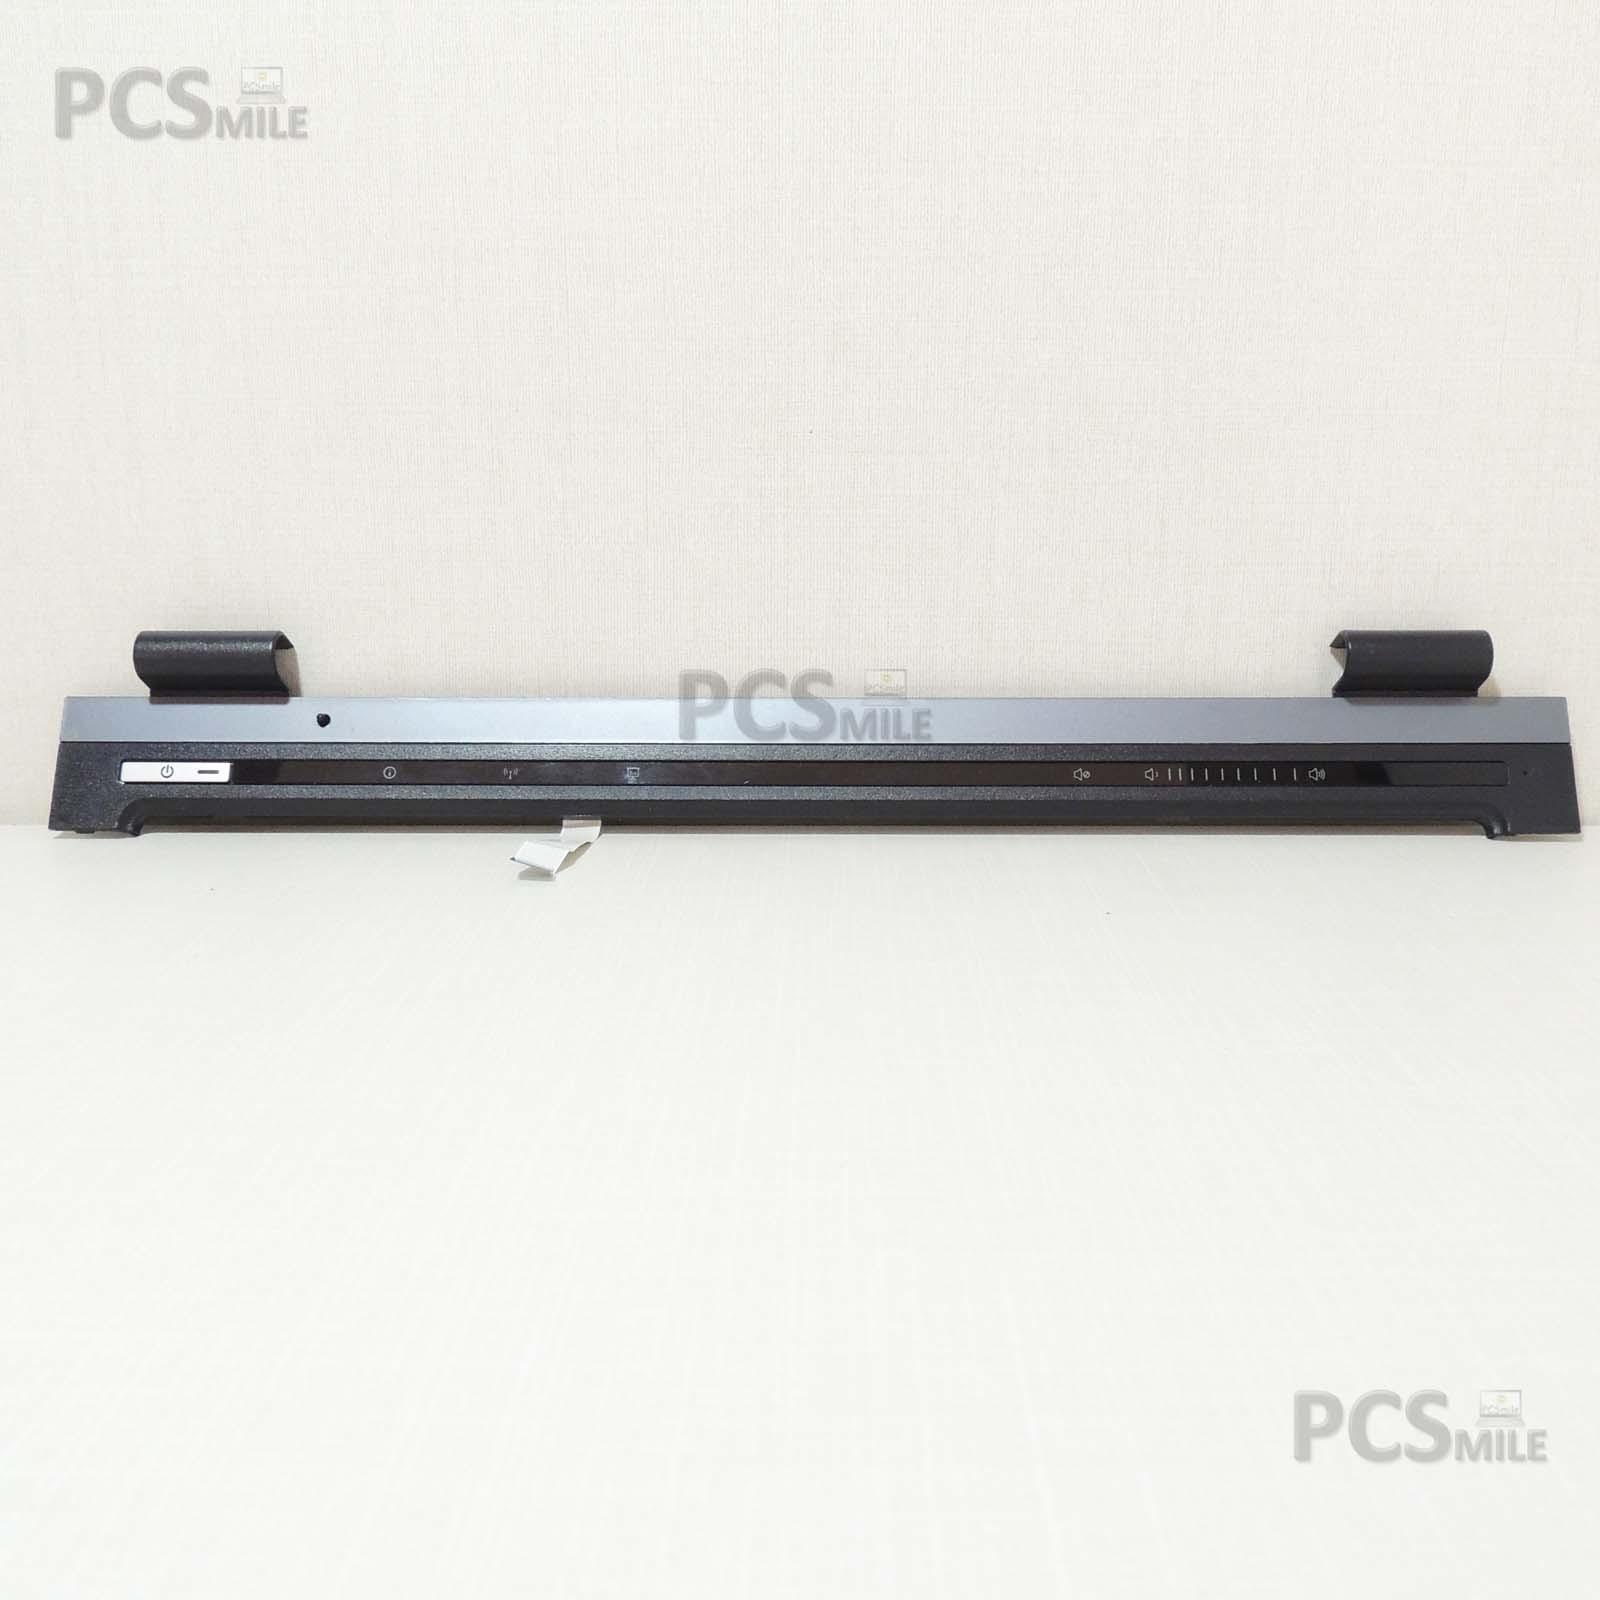 Pannello multimediale scocca anteriore accensione HP Compaq 6751b 6070B0153001